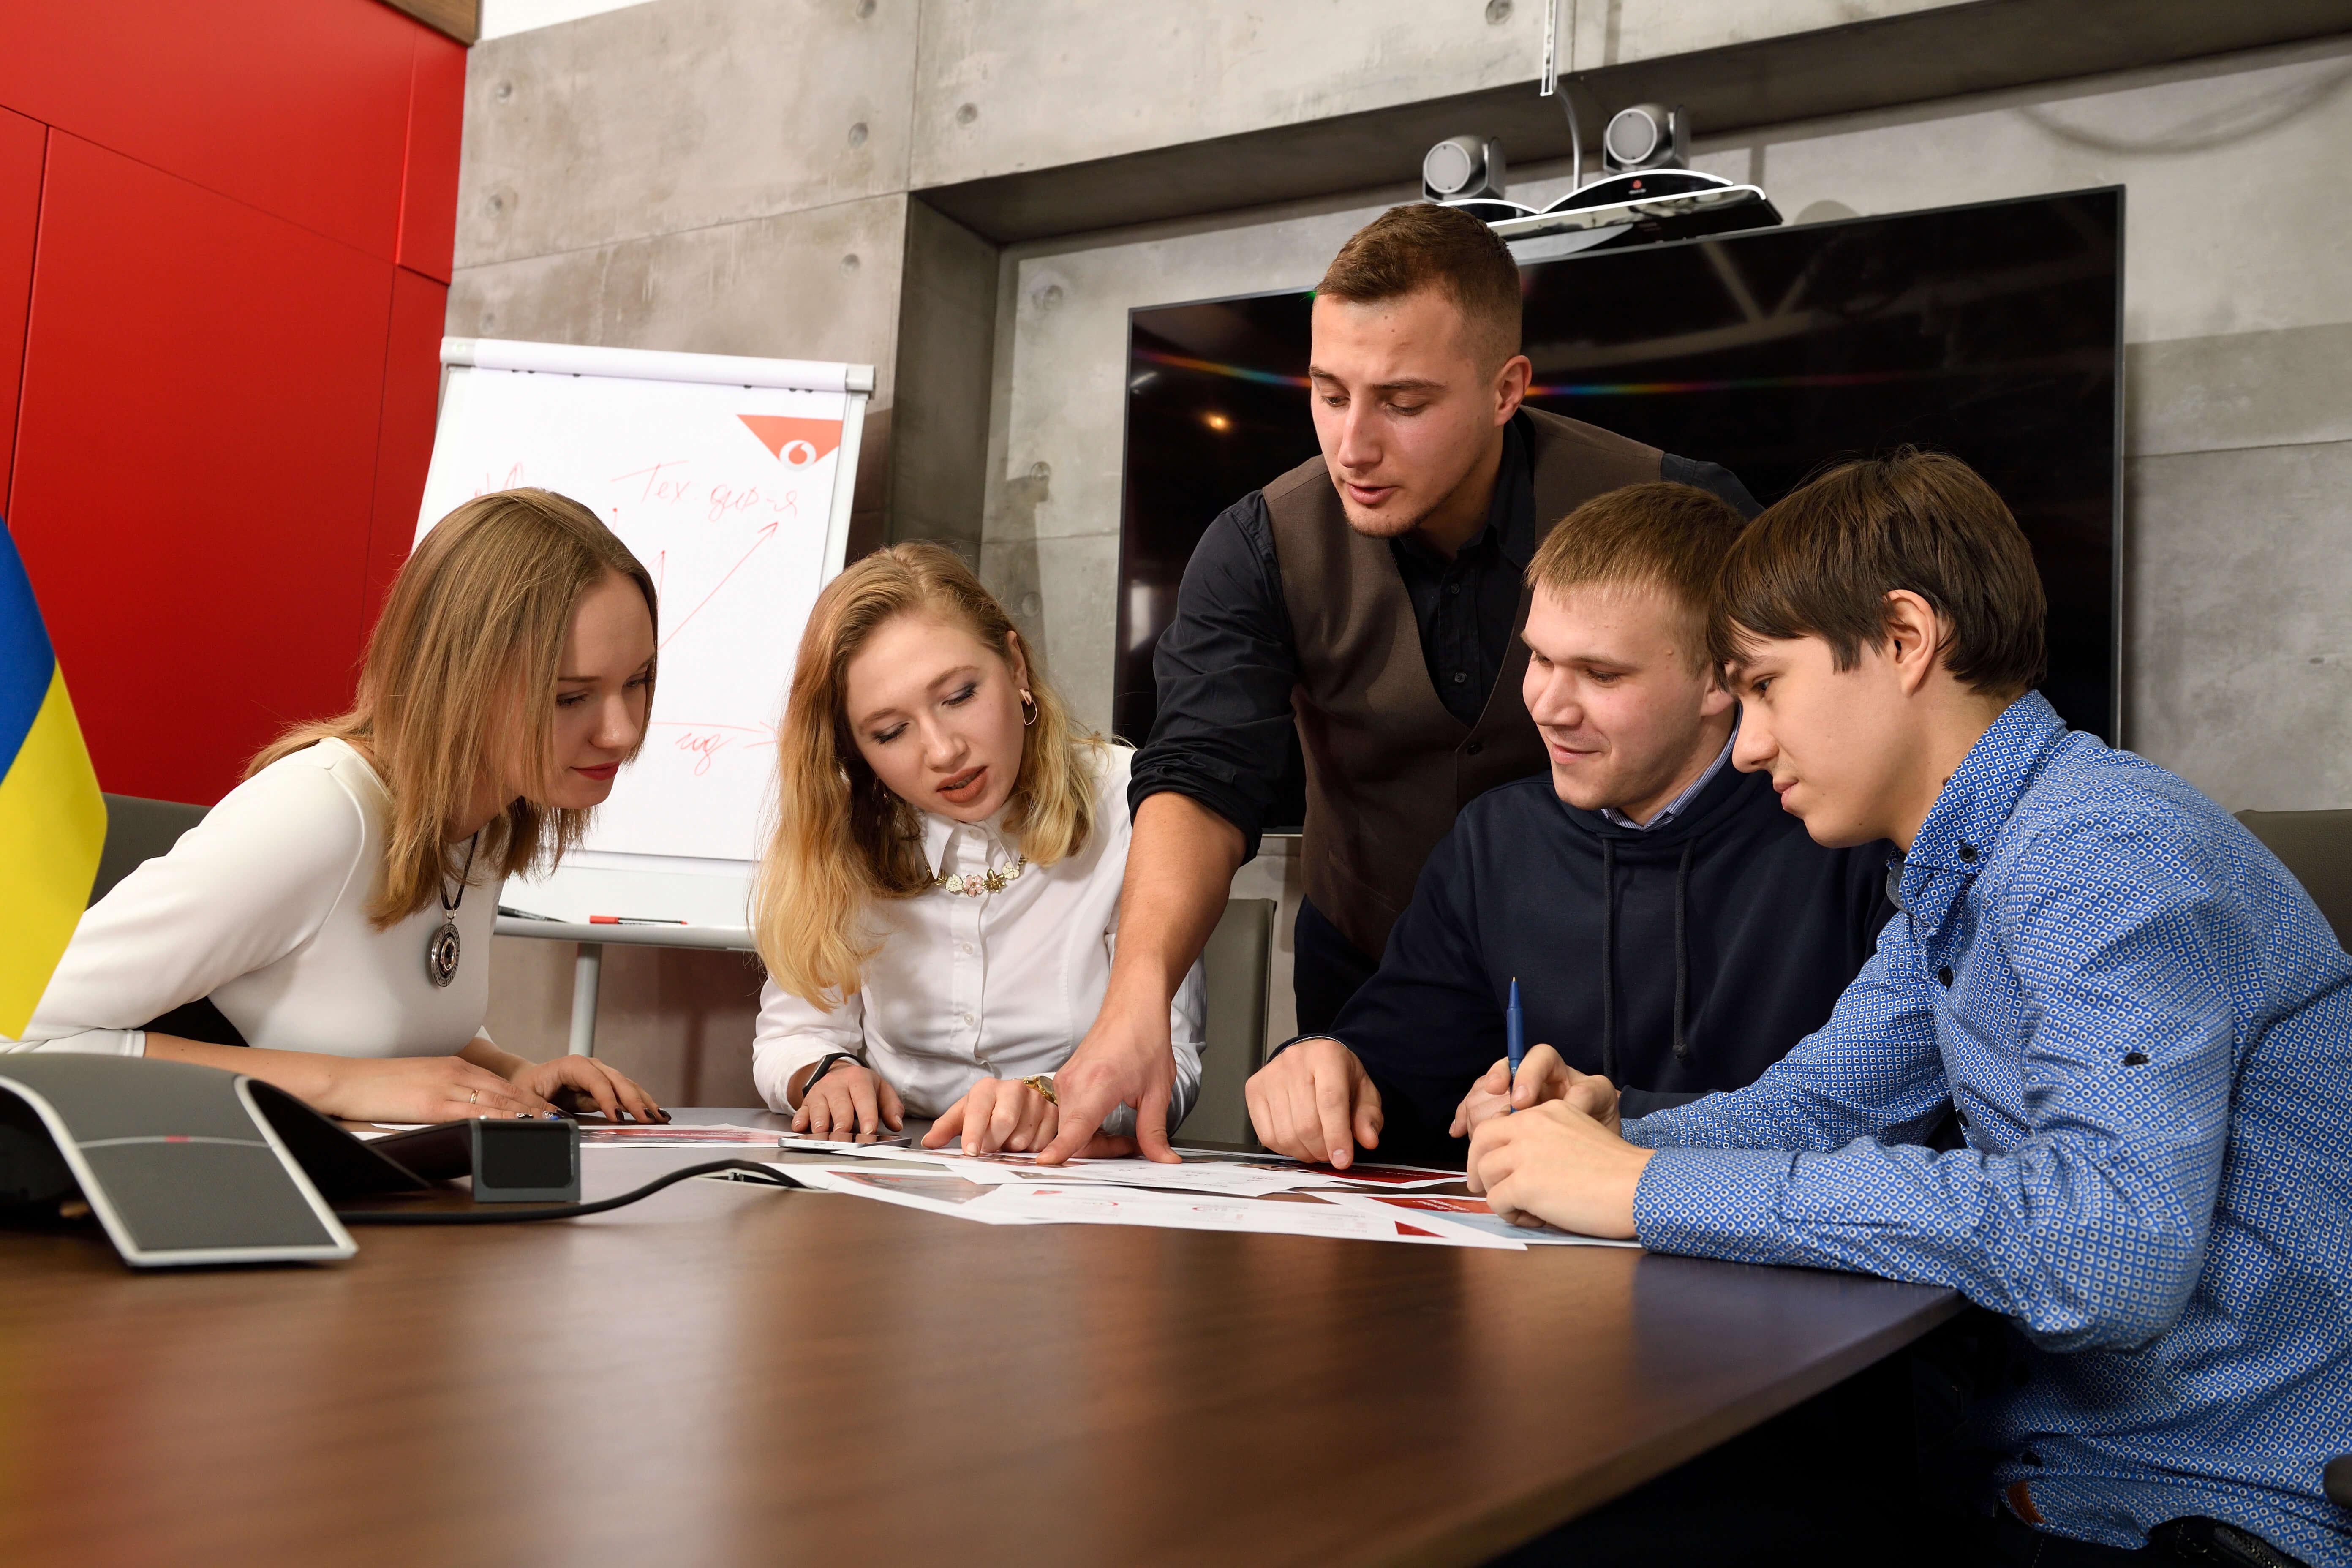 Попасть в Vodafone. Как живется молодым инженерам крупнейшего оператора связи